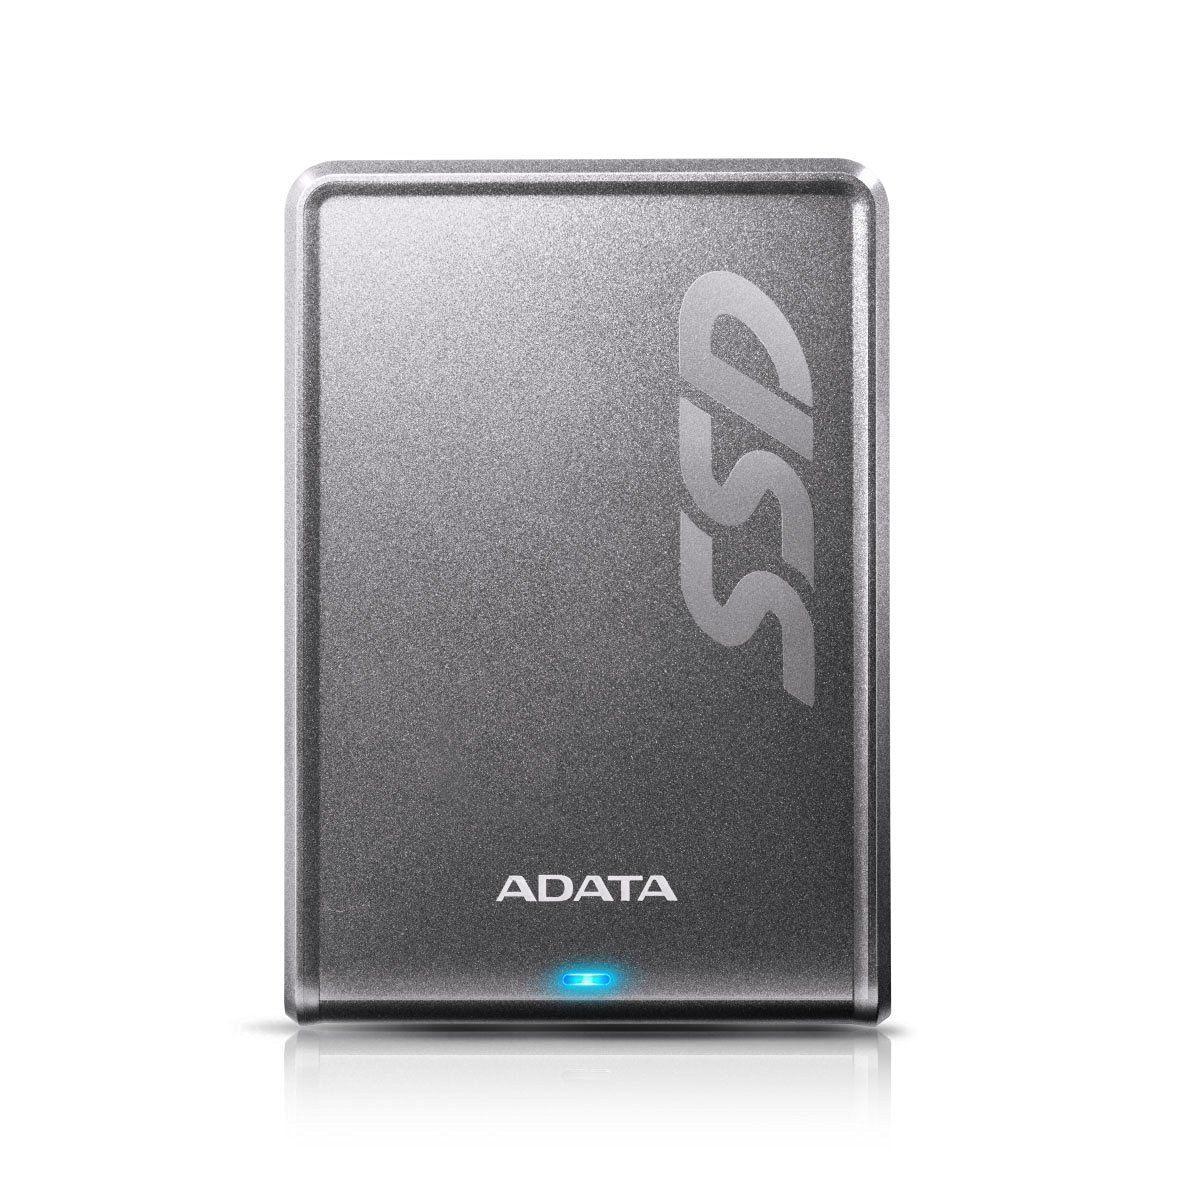 [Externe SSD] ADATA SV620 USB 3.0 240GB  Lese und Schreibgeschwindigkeit bis zu 410MB/s für 66,90 € statt 78,37 €